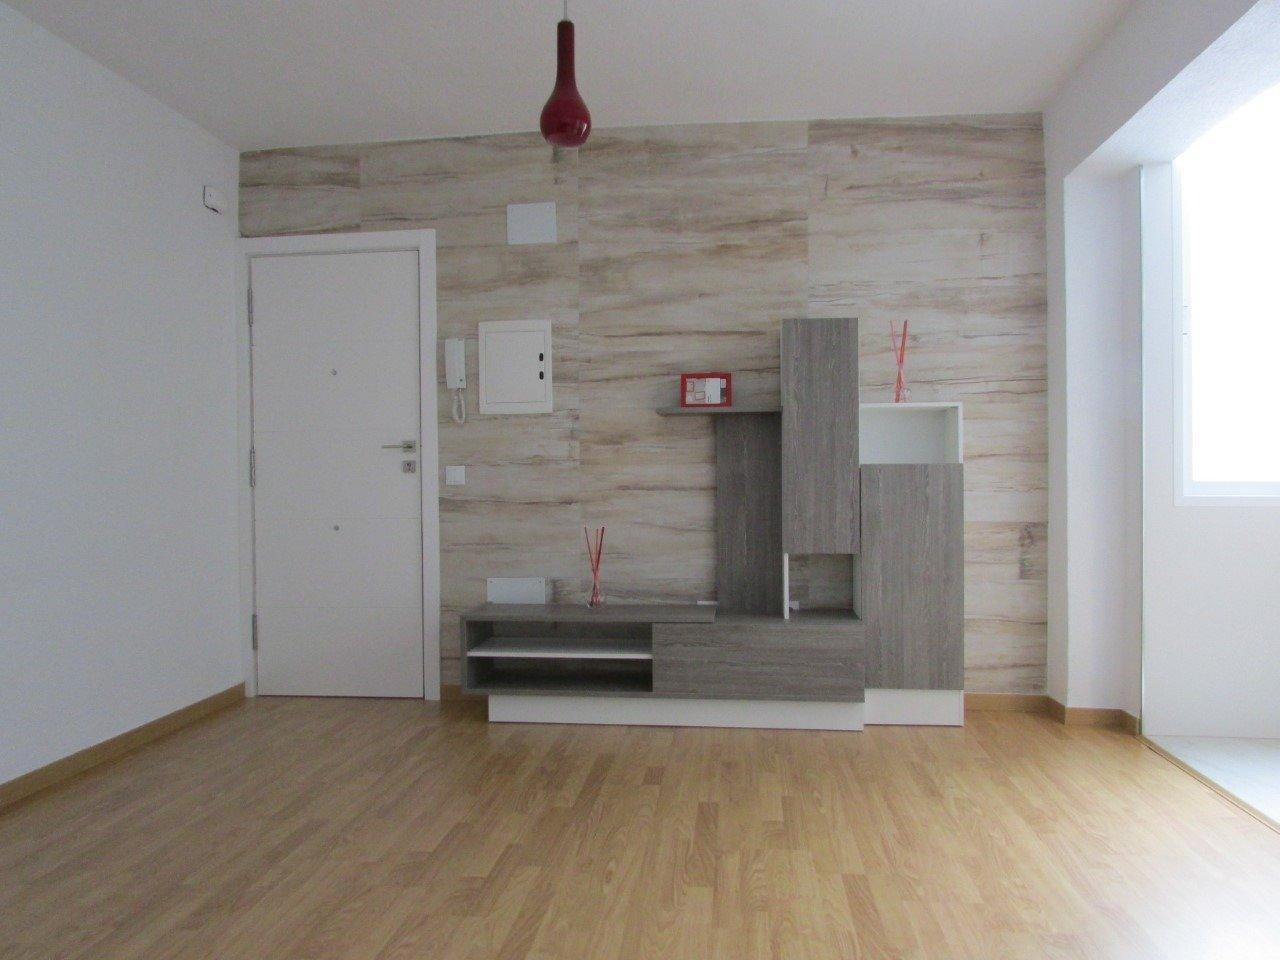 Flat for rent in Molina de segura, Molina de Segura